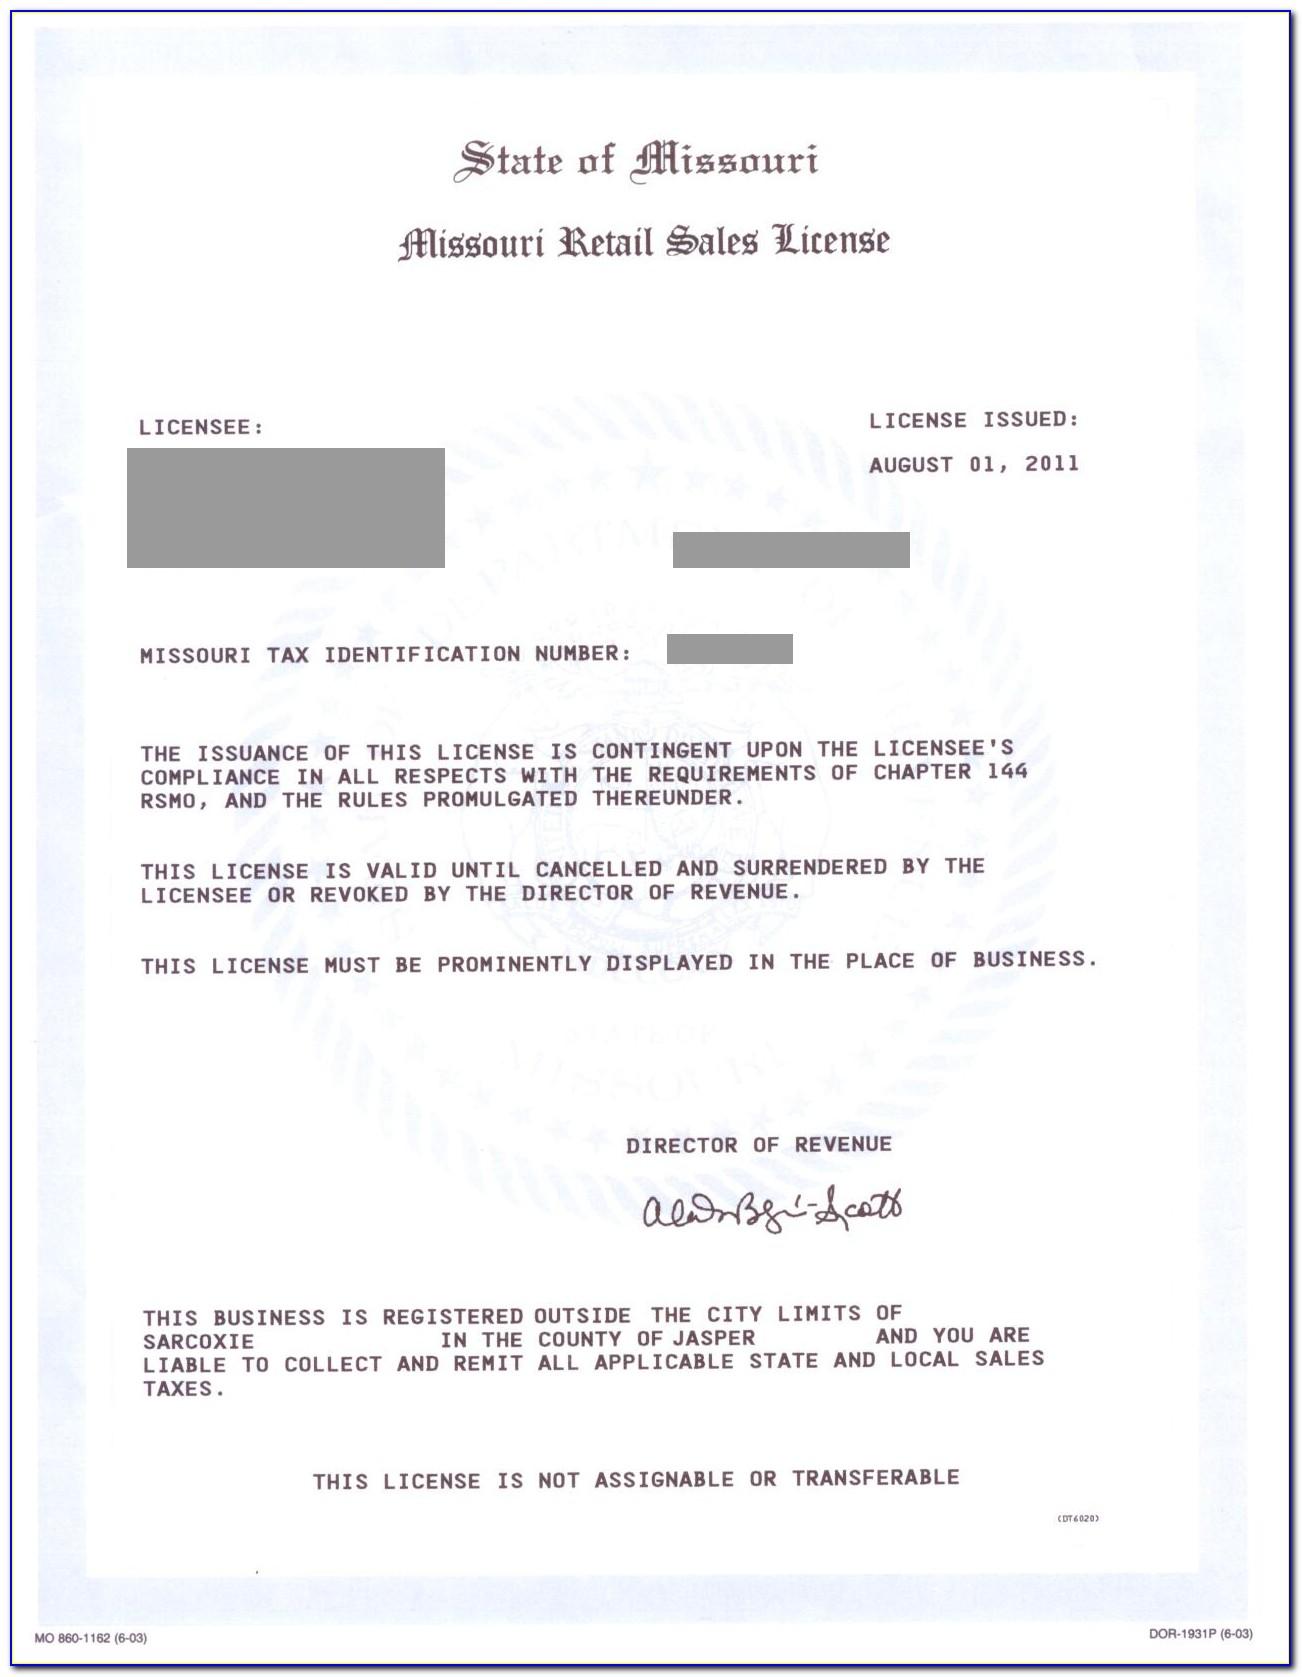 Nj Resale Certificate St 4